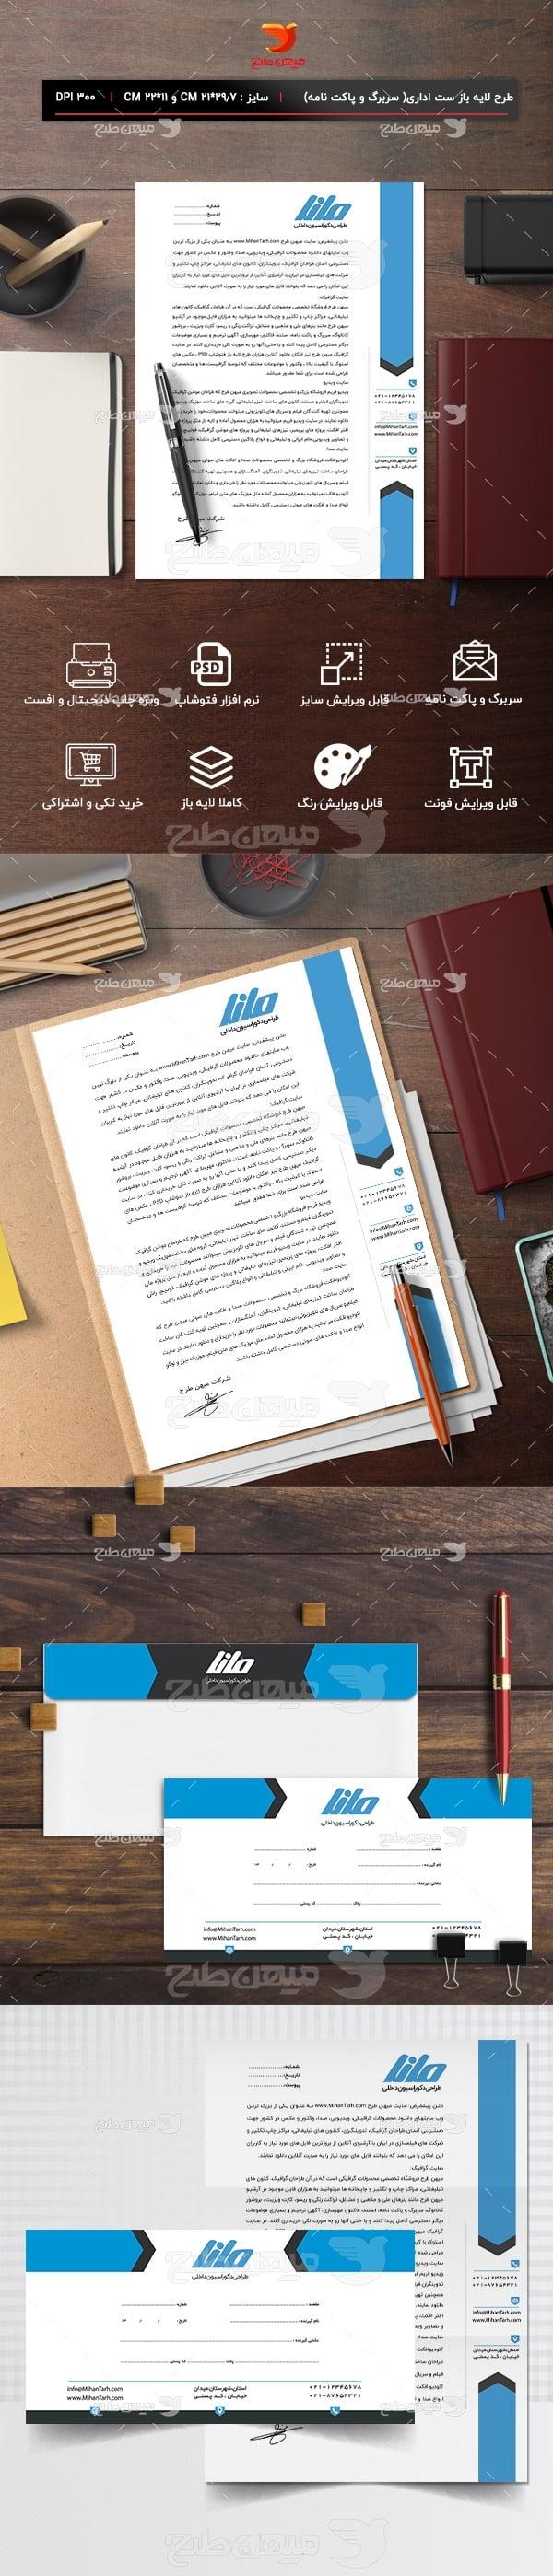 طرح لایه باز ست اداری شرکت طراحی دکوراسیون داخلی